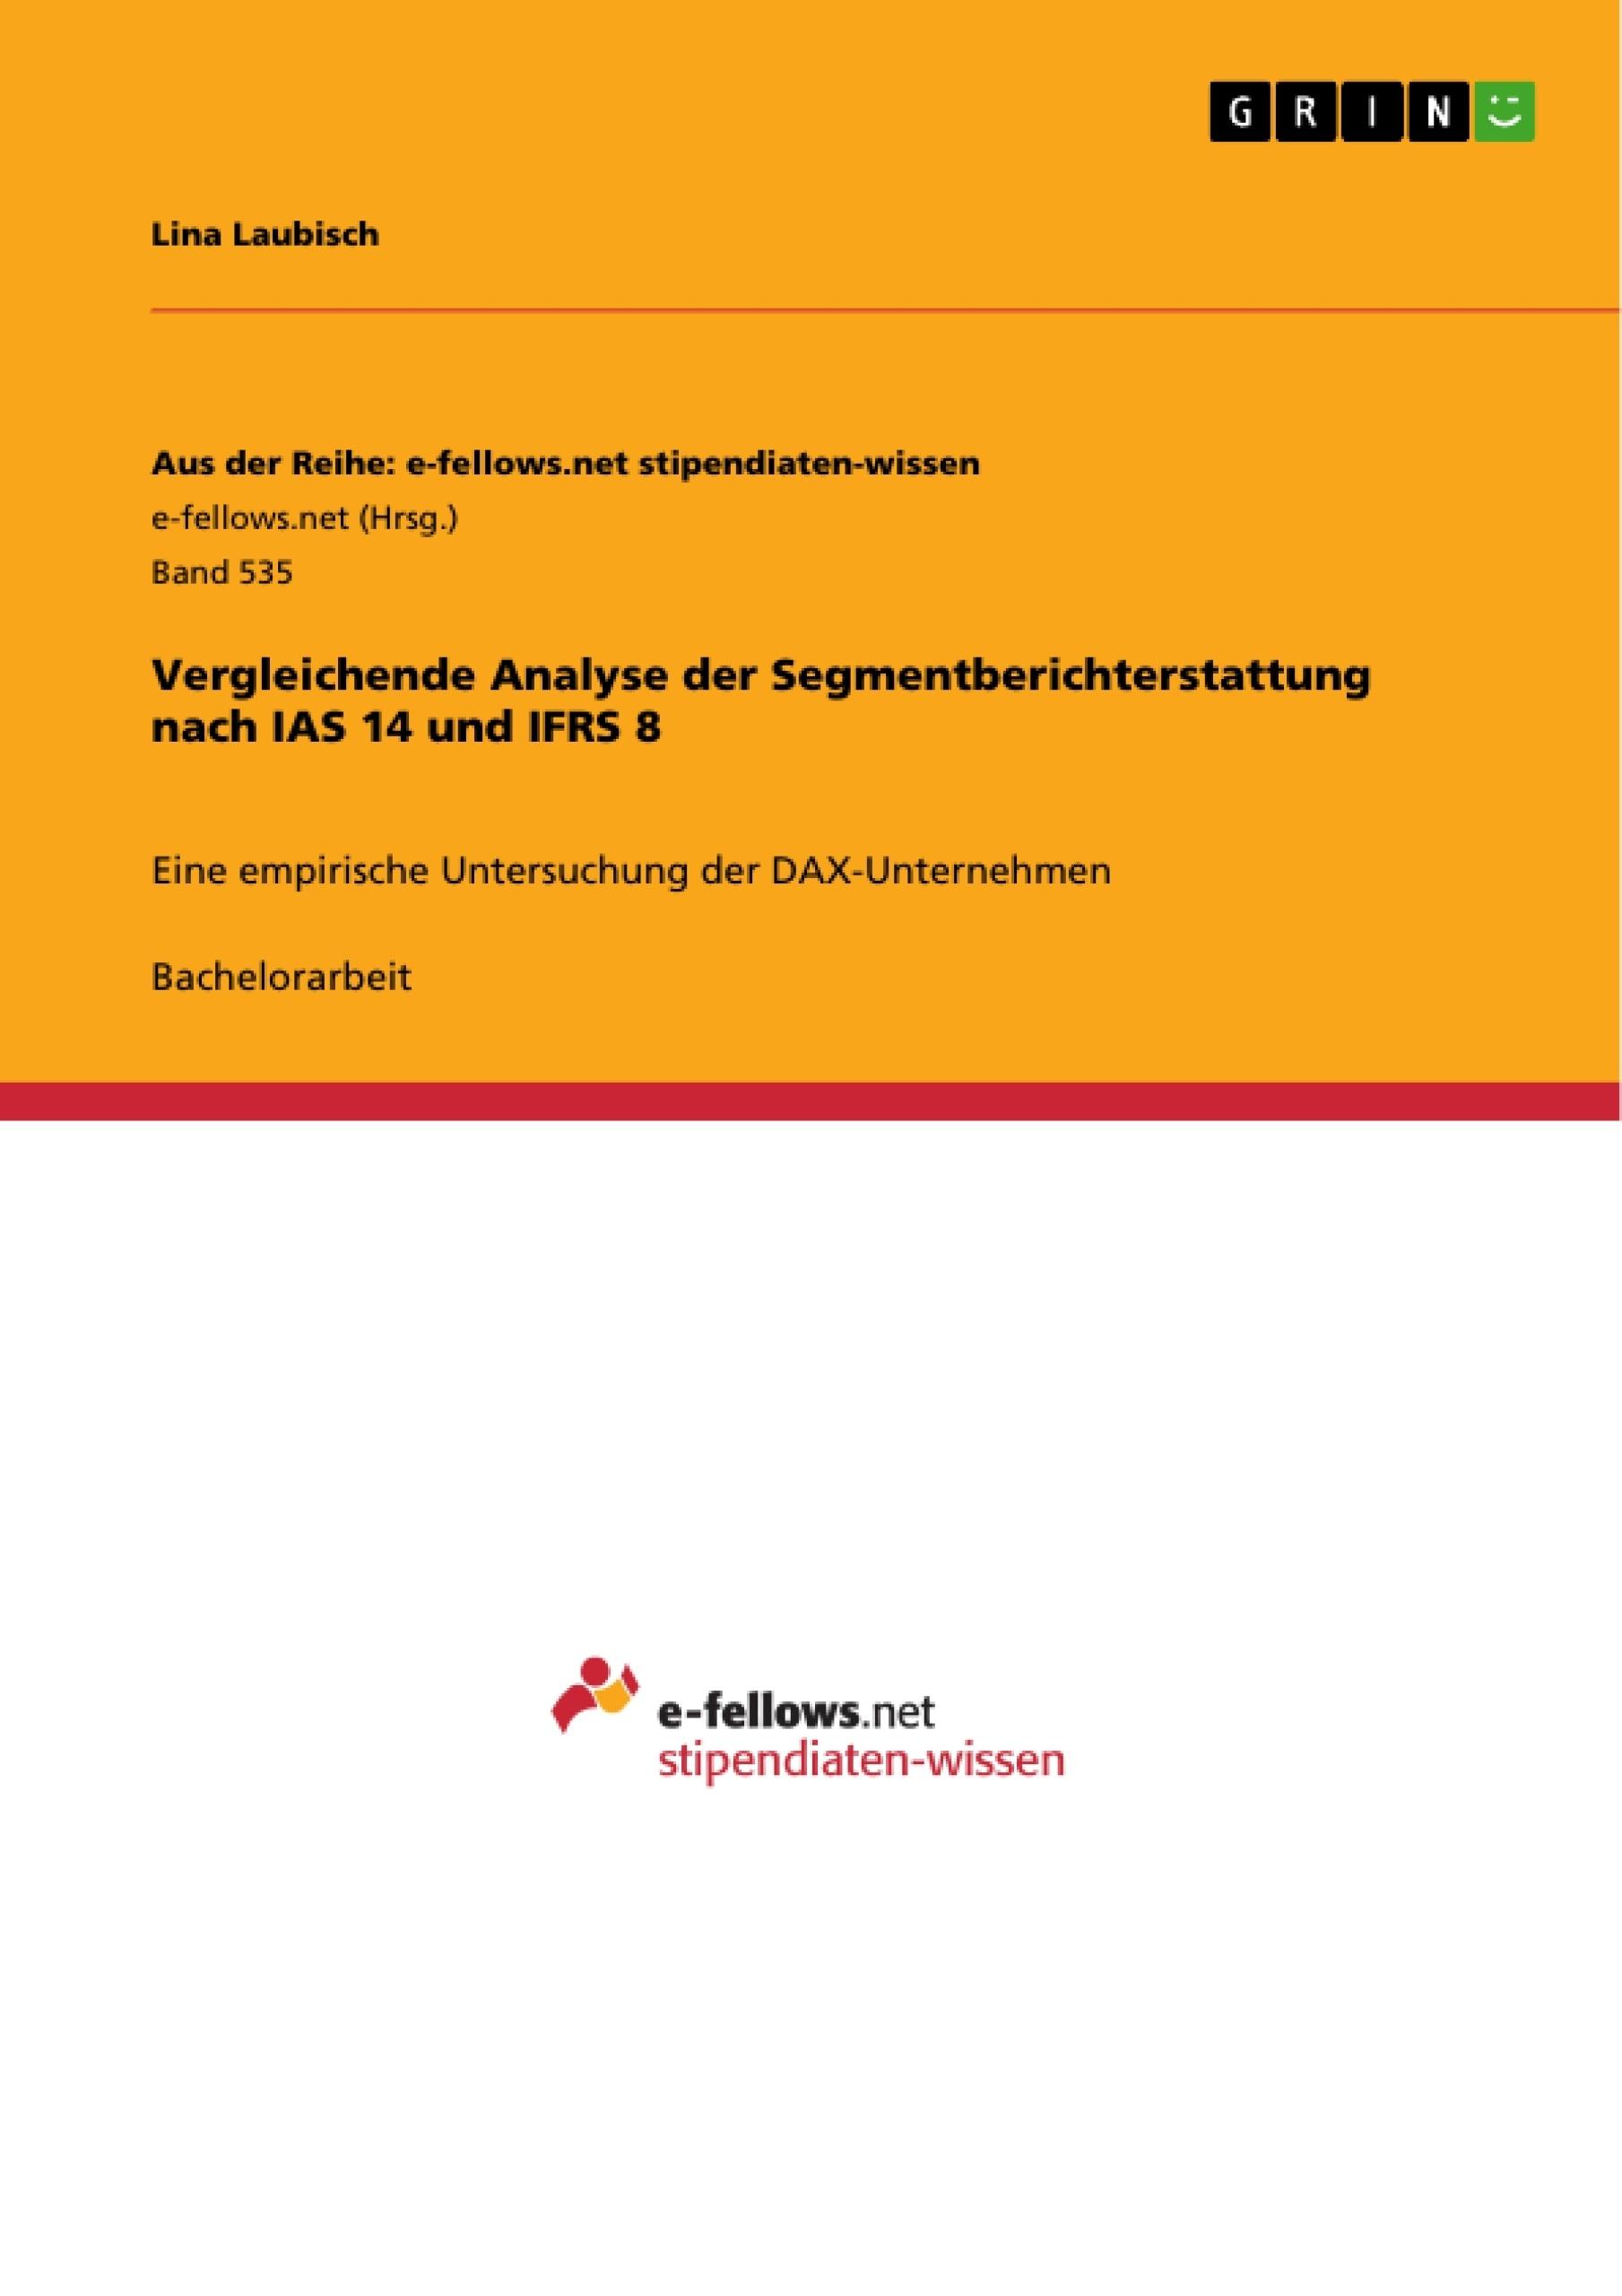 Titel: Vergleichende Analyse der Segmentberichterstattung nach IAS 14 und IFRS 8